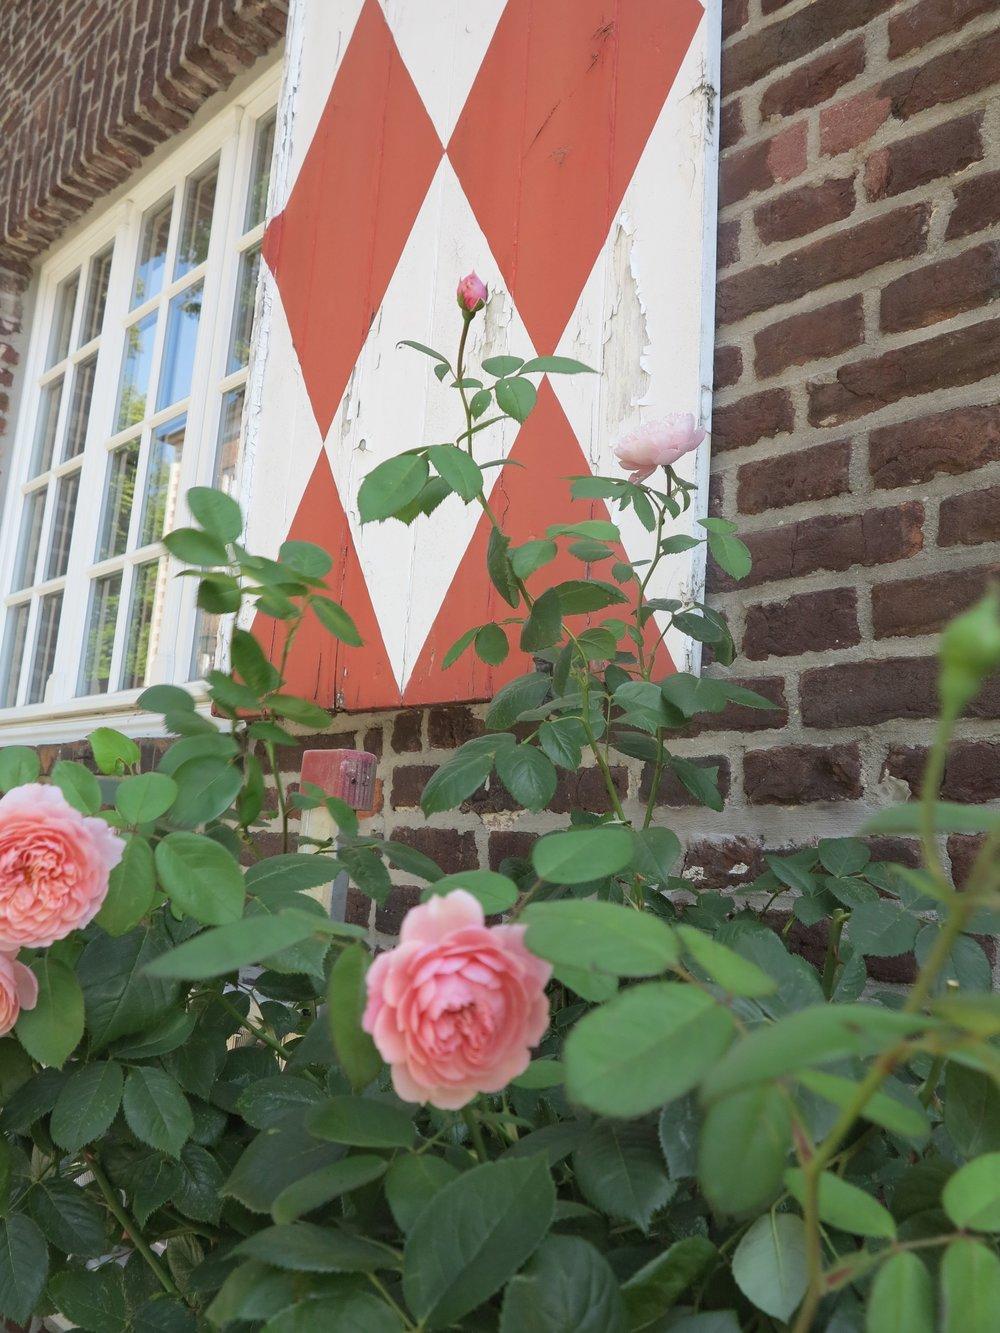 Rosen am alten Gemäuer